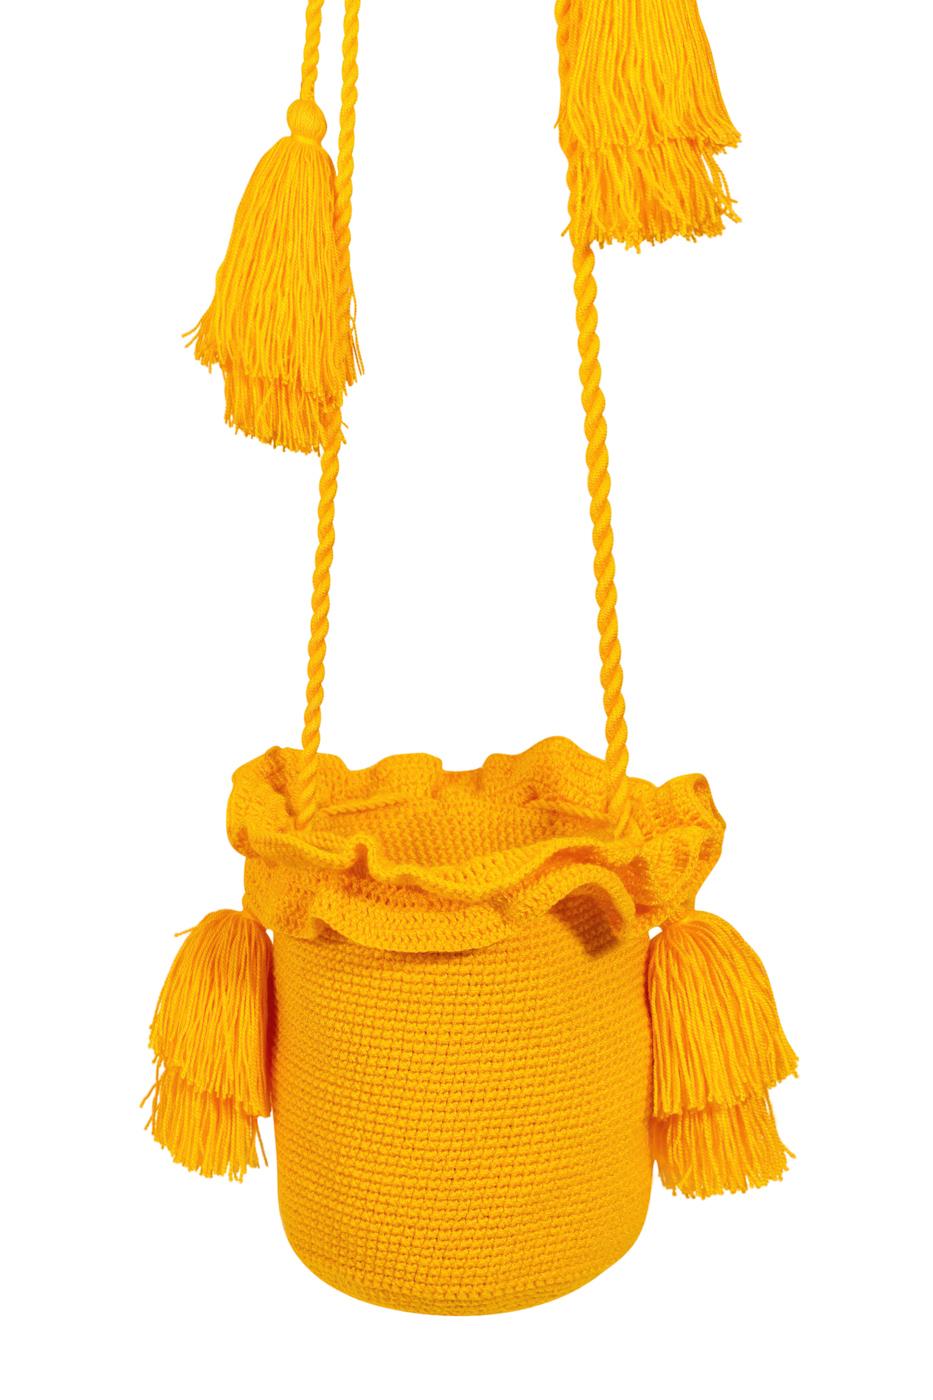 Mochila Guapa tubular amarilla